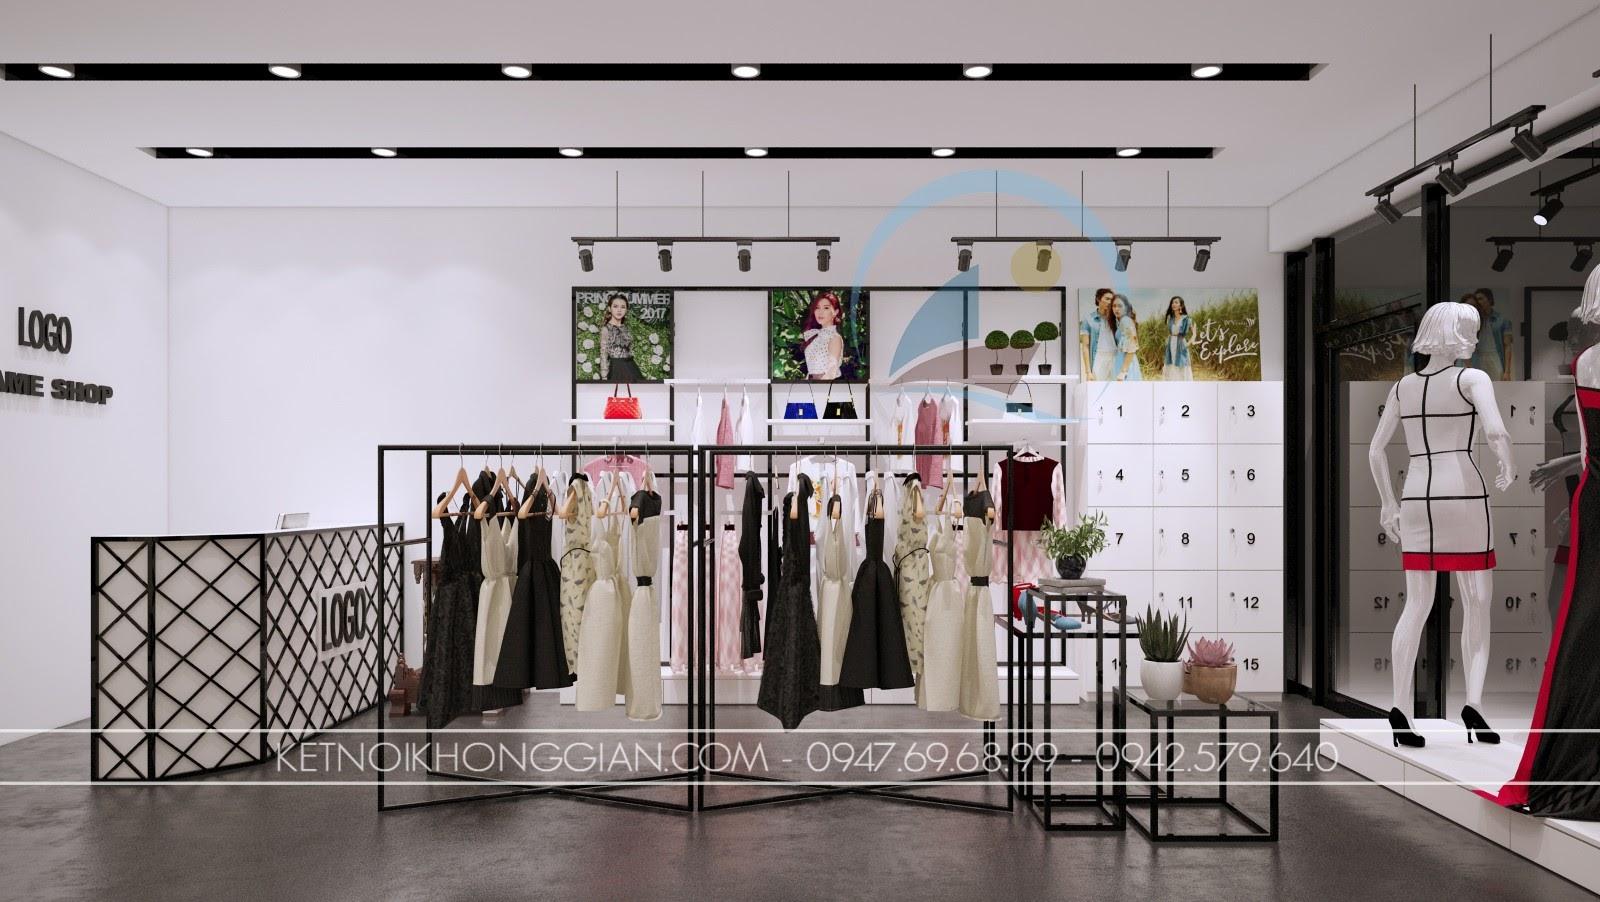 thiết kế shop thời trang giá rẻ, sang trọng